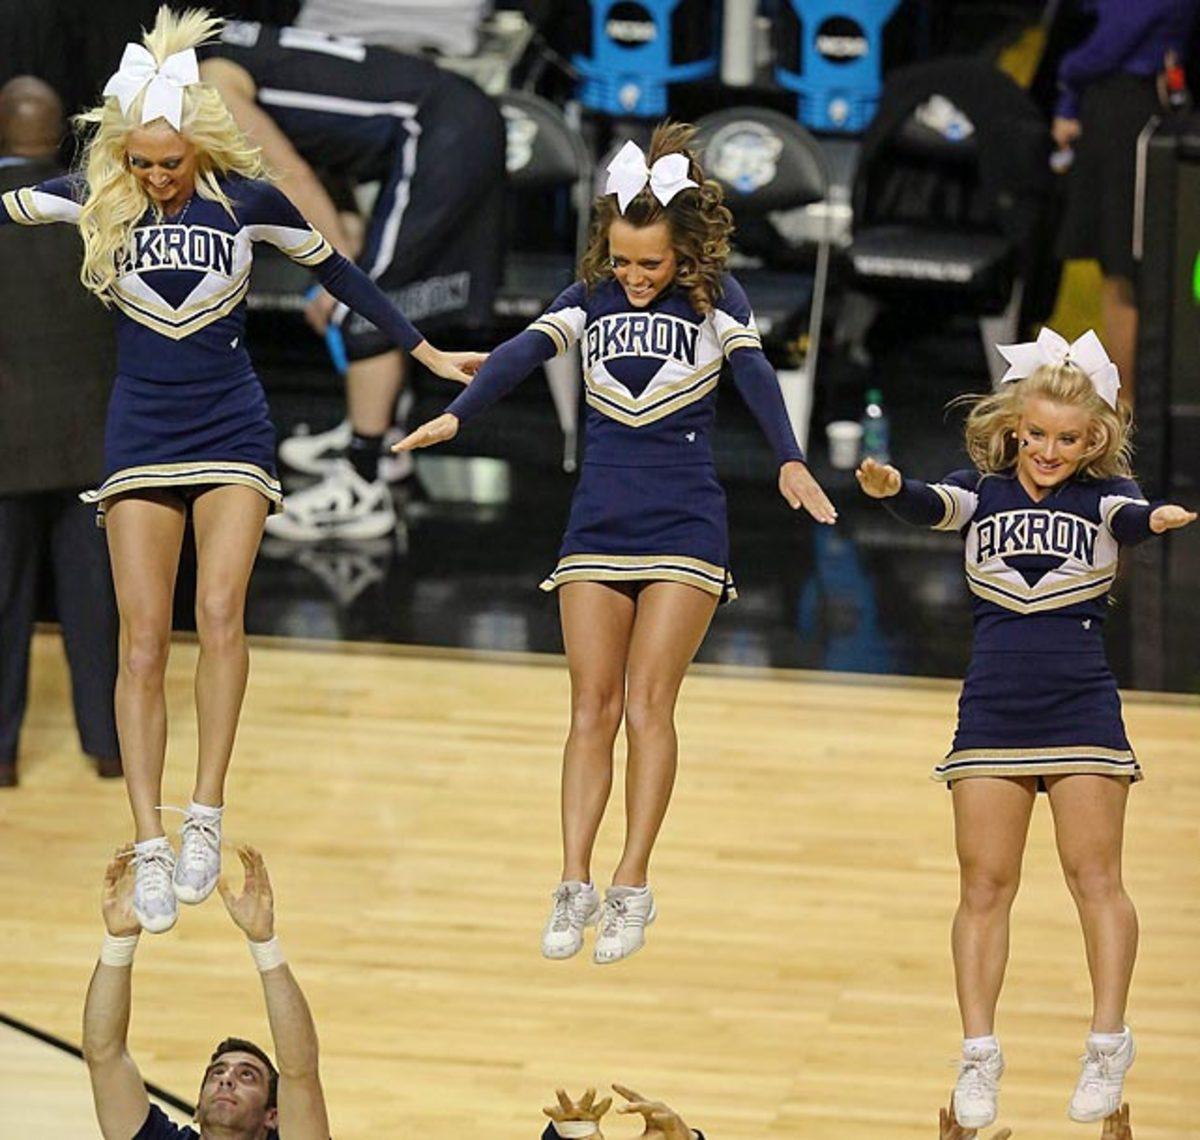 130325141943-akron-cheerleaders-164344400-10-single-image-cut.jpg